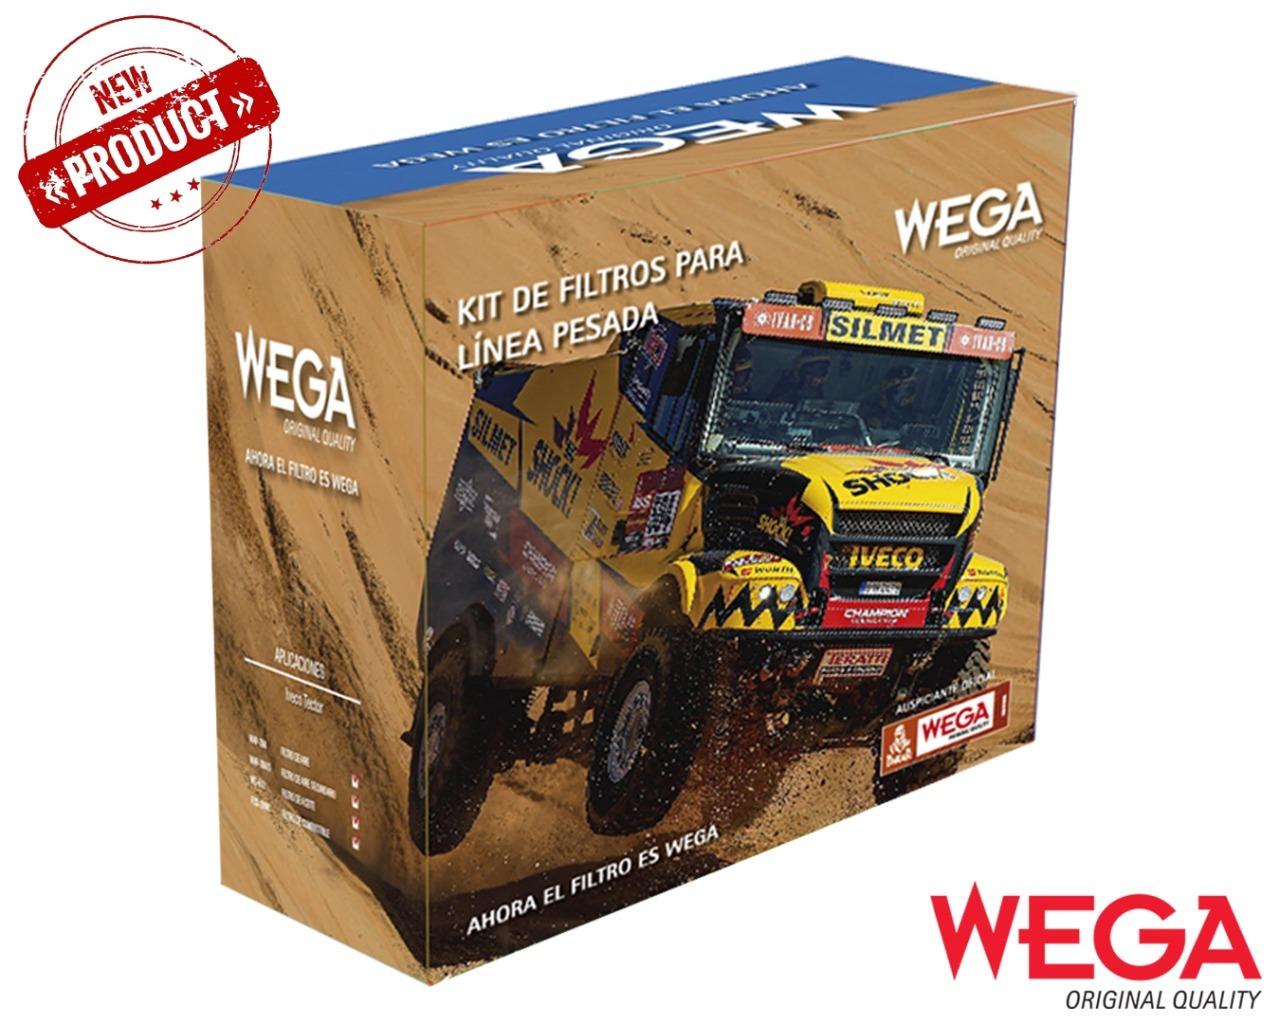 Wega lanza el primer kit de filtro de linea pesada